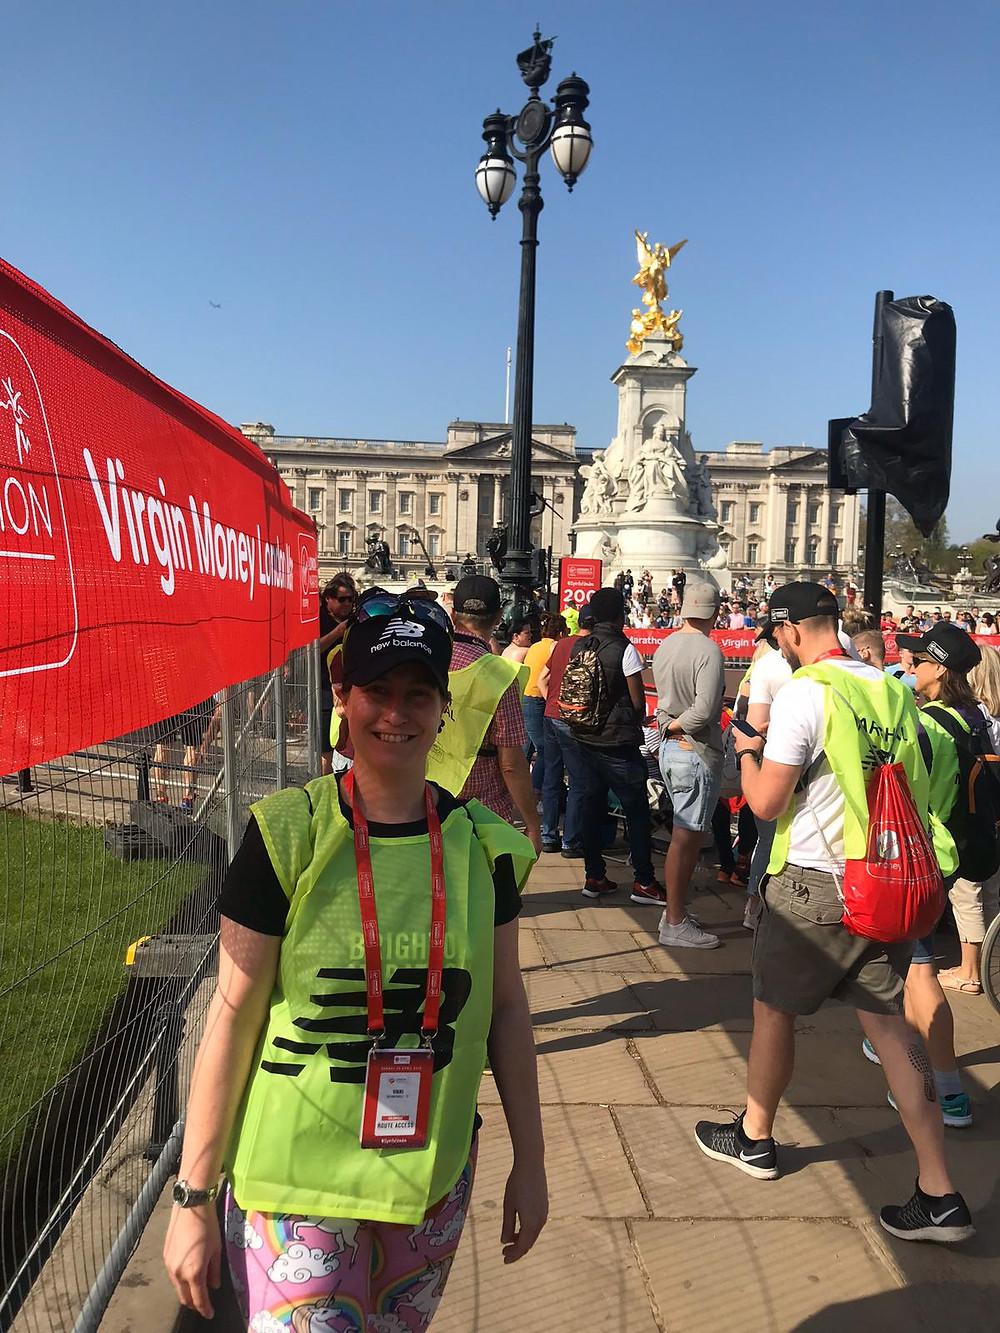 Vikki marshalling the London Marathon in 2017